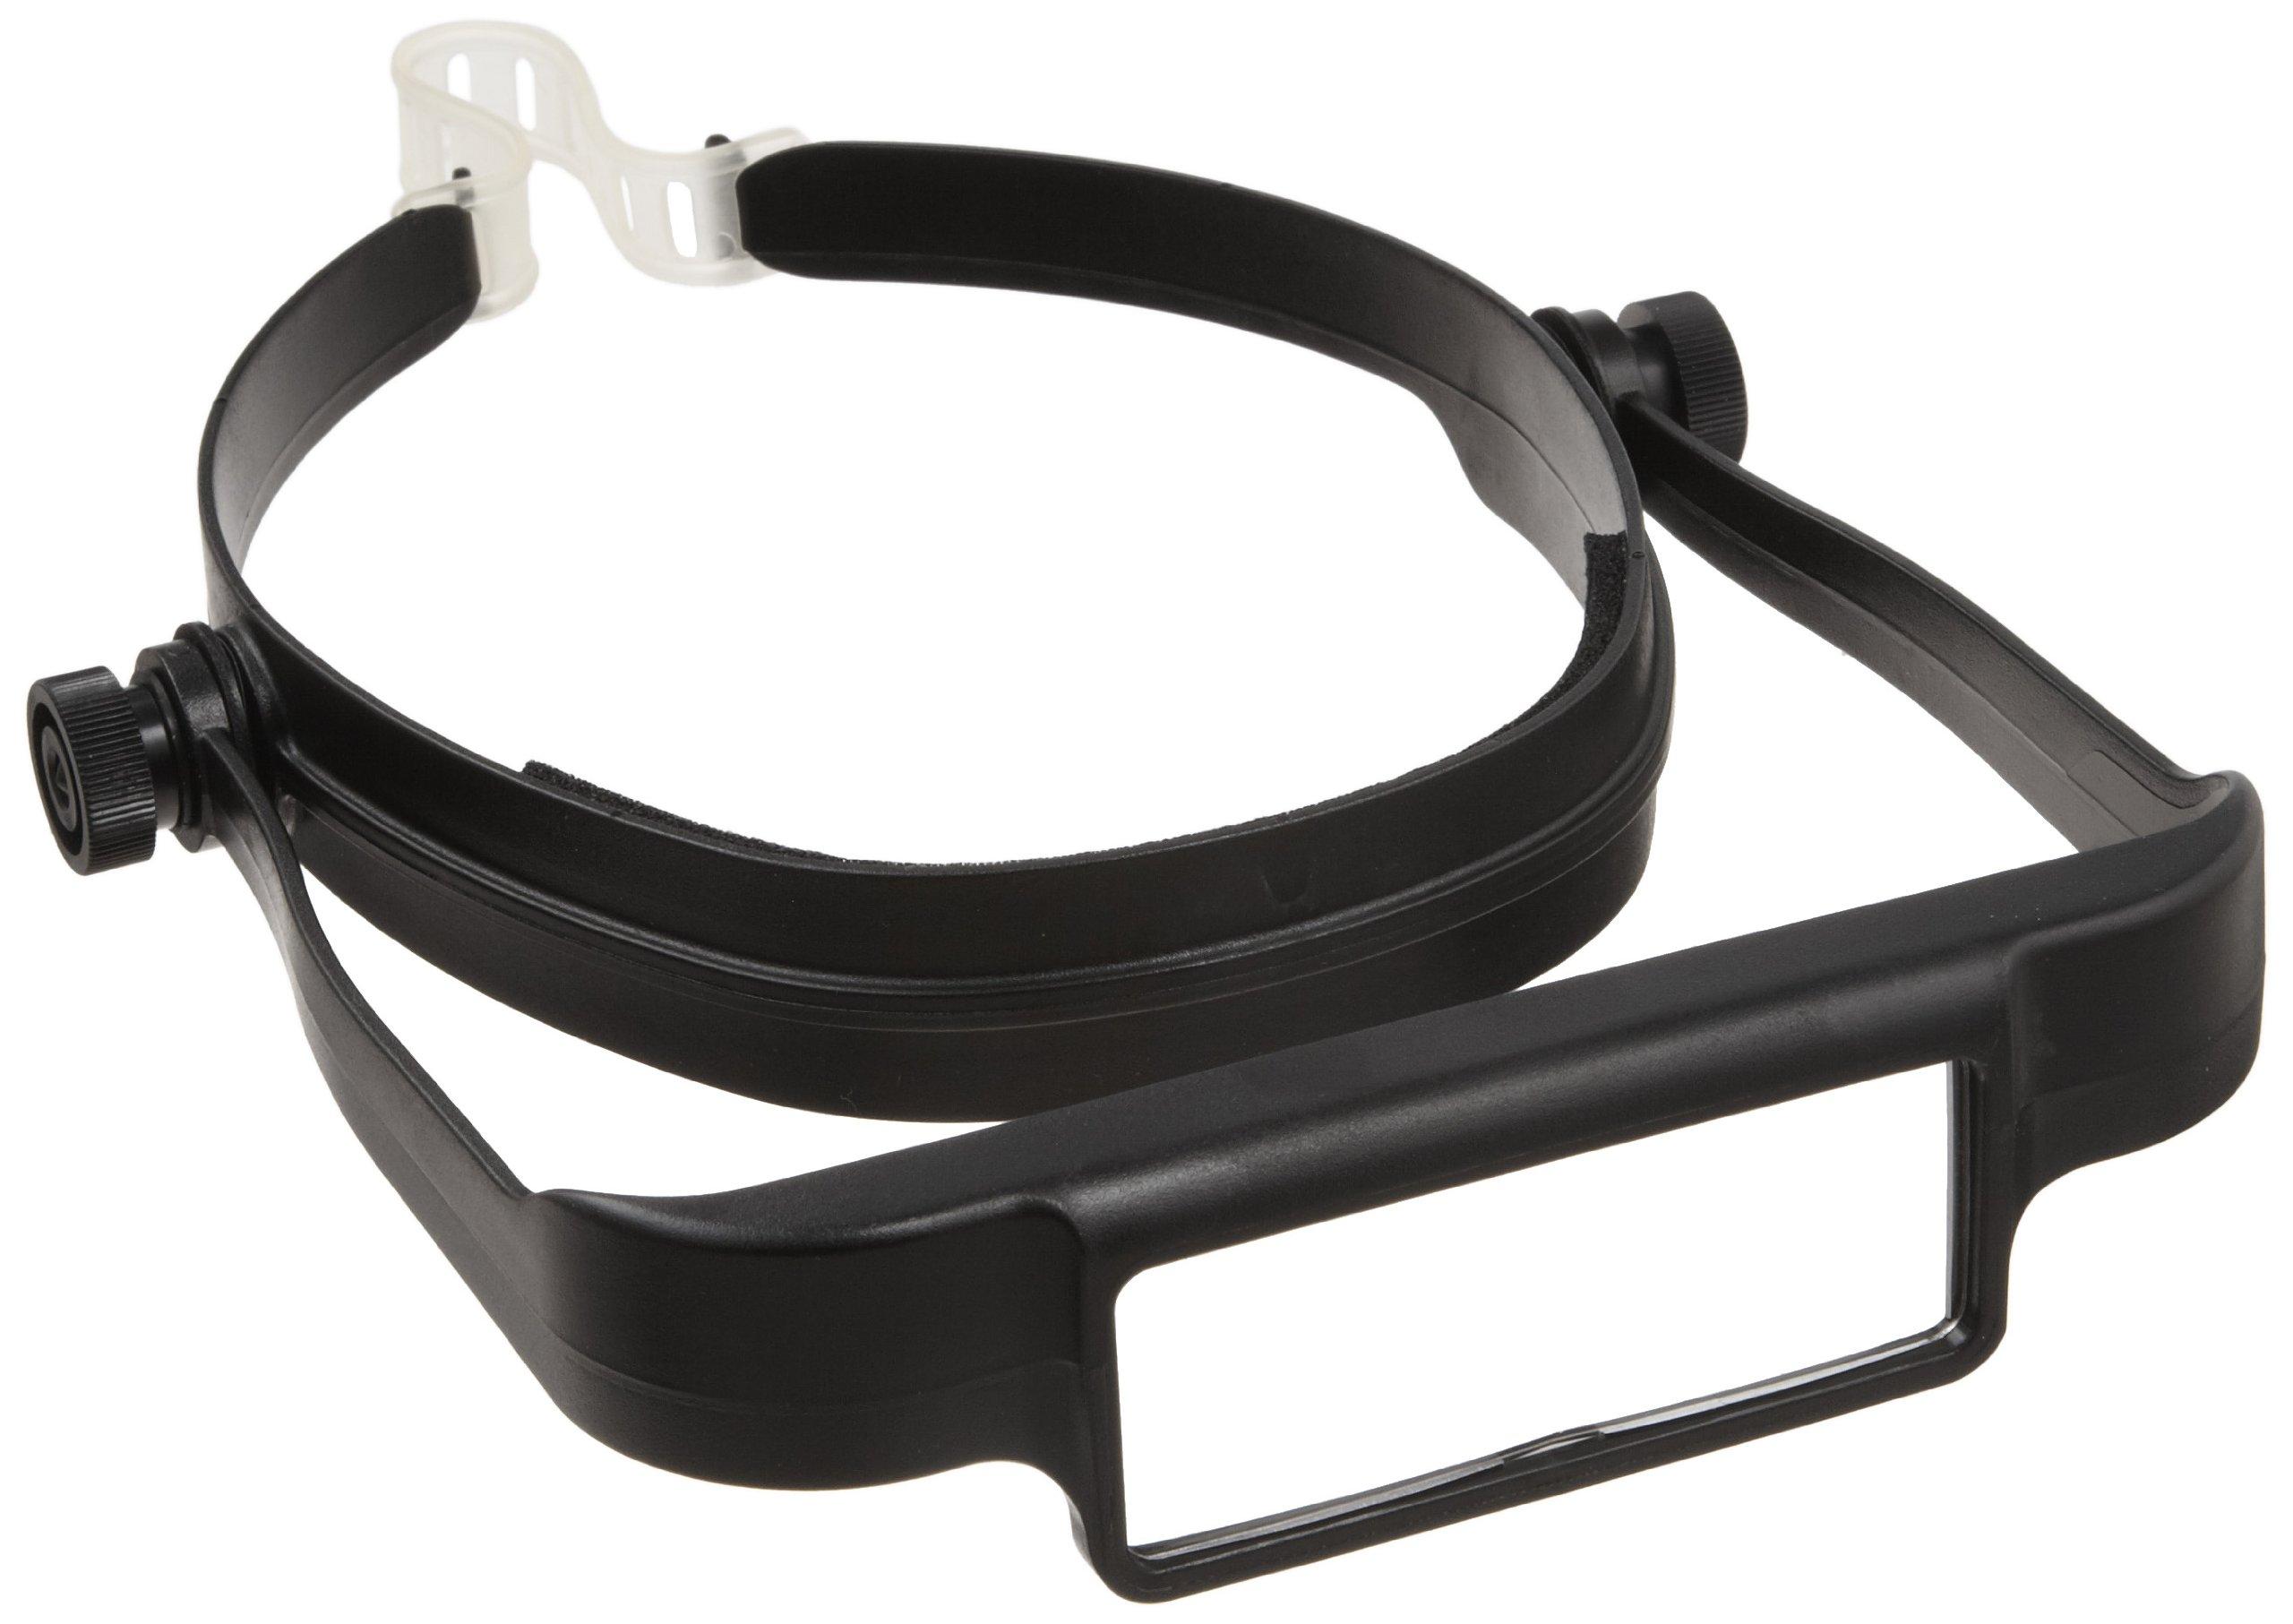 Donegan OSC OptiSIGHT Binocular Magnifying Visor, Black